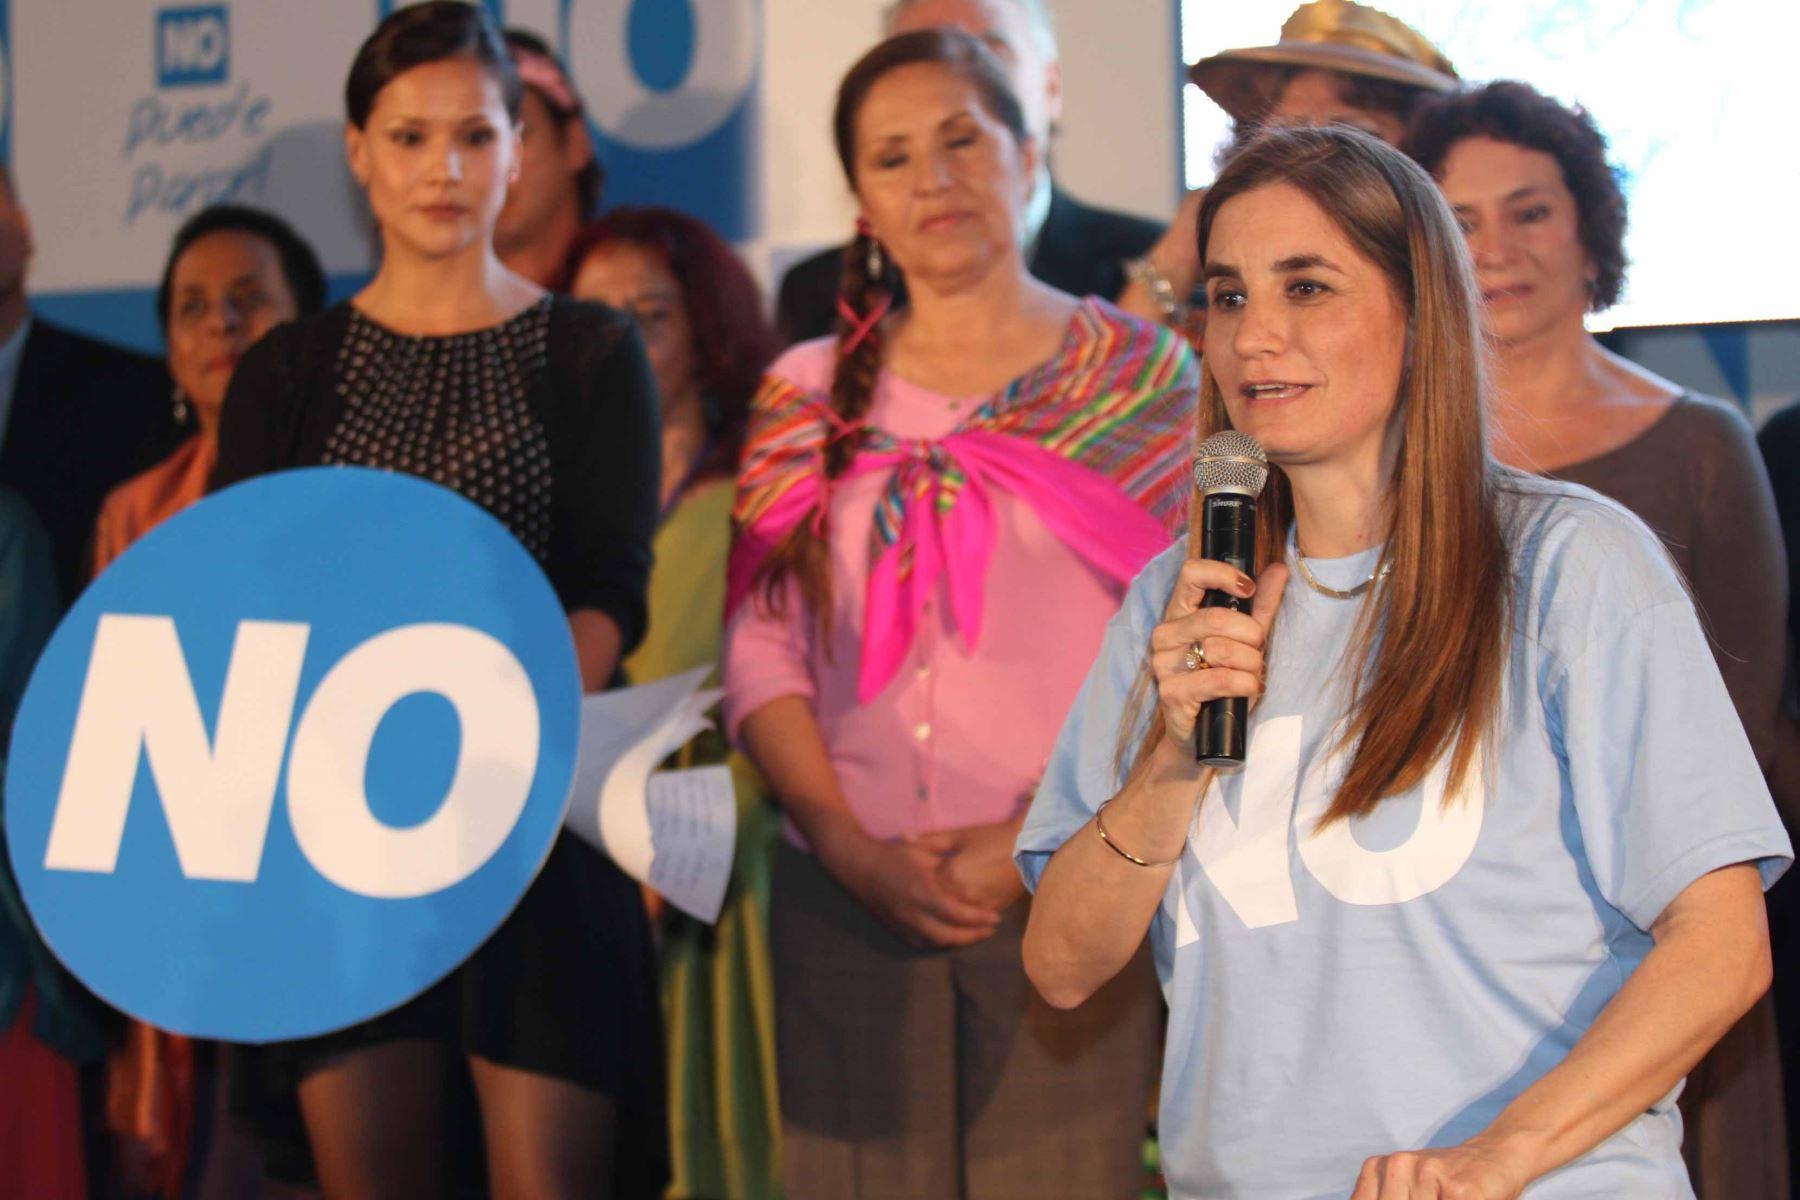 Lima - 12 diciembre 2012 / Diversas personalidades de la política, la cultura y los espectaculos se sumaron a la campaña por NO contra revocatoria a la alcaldesa de  Lima, Susana Villarán.